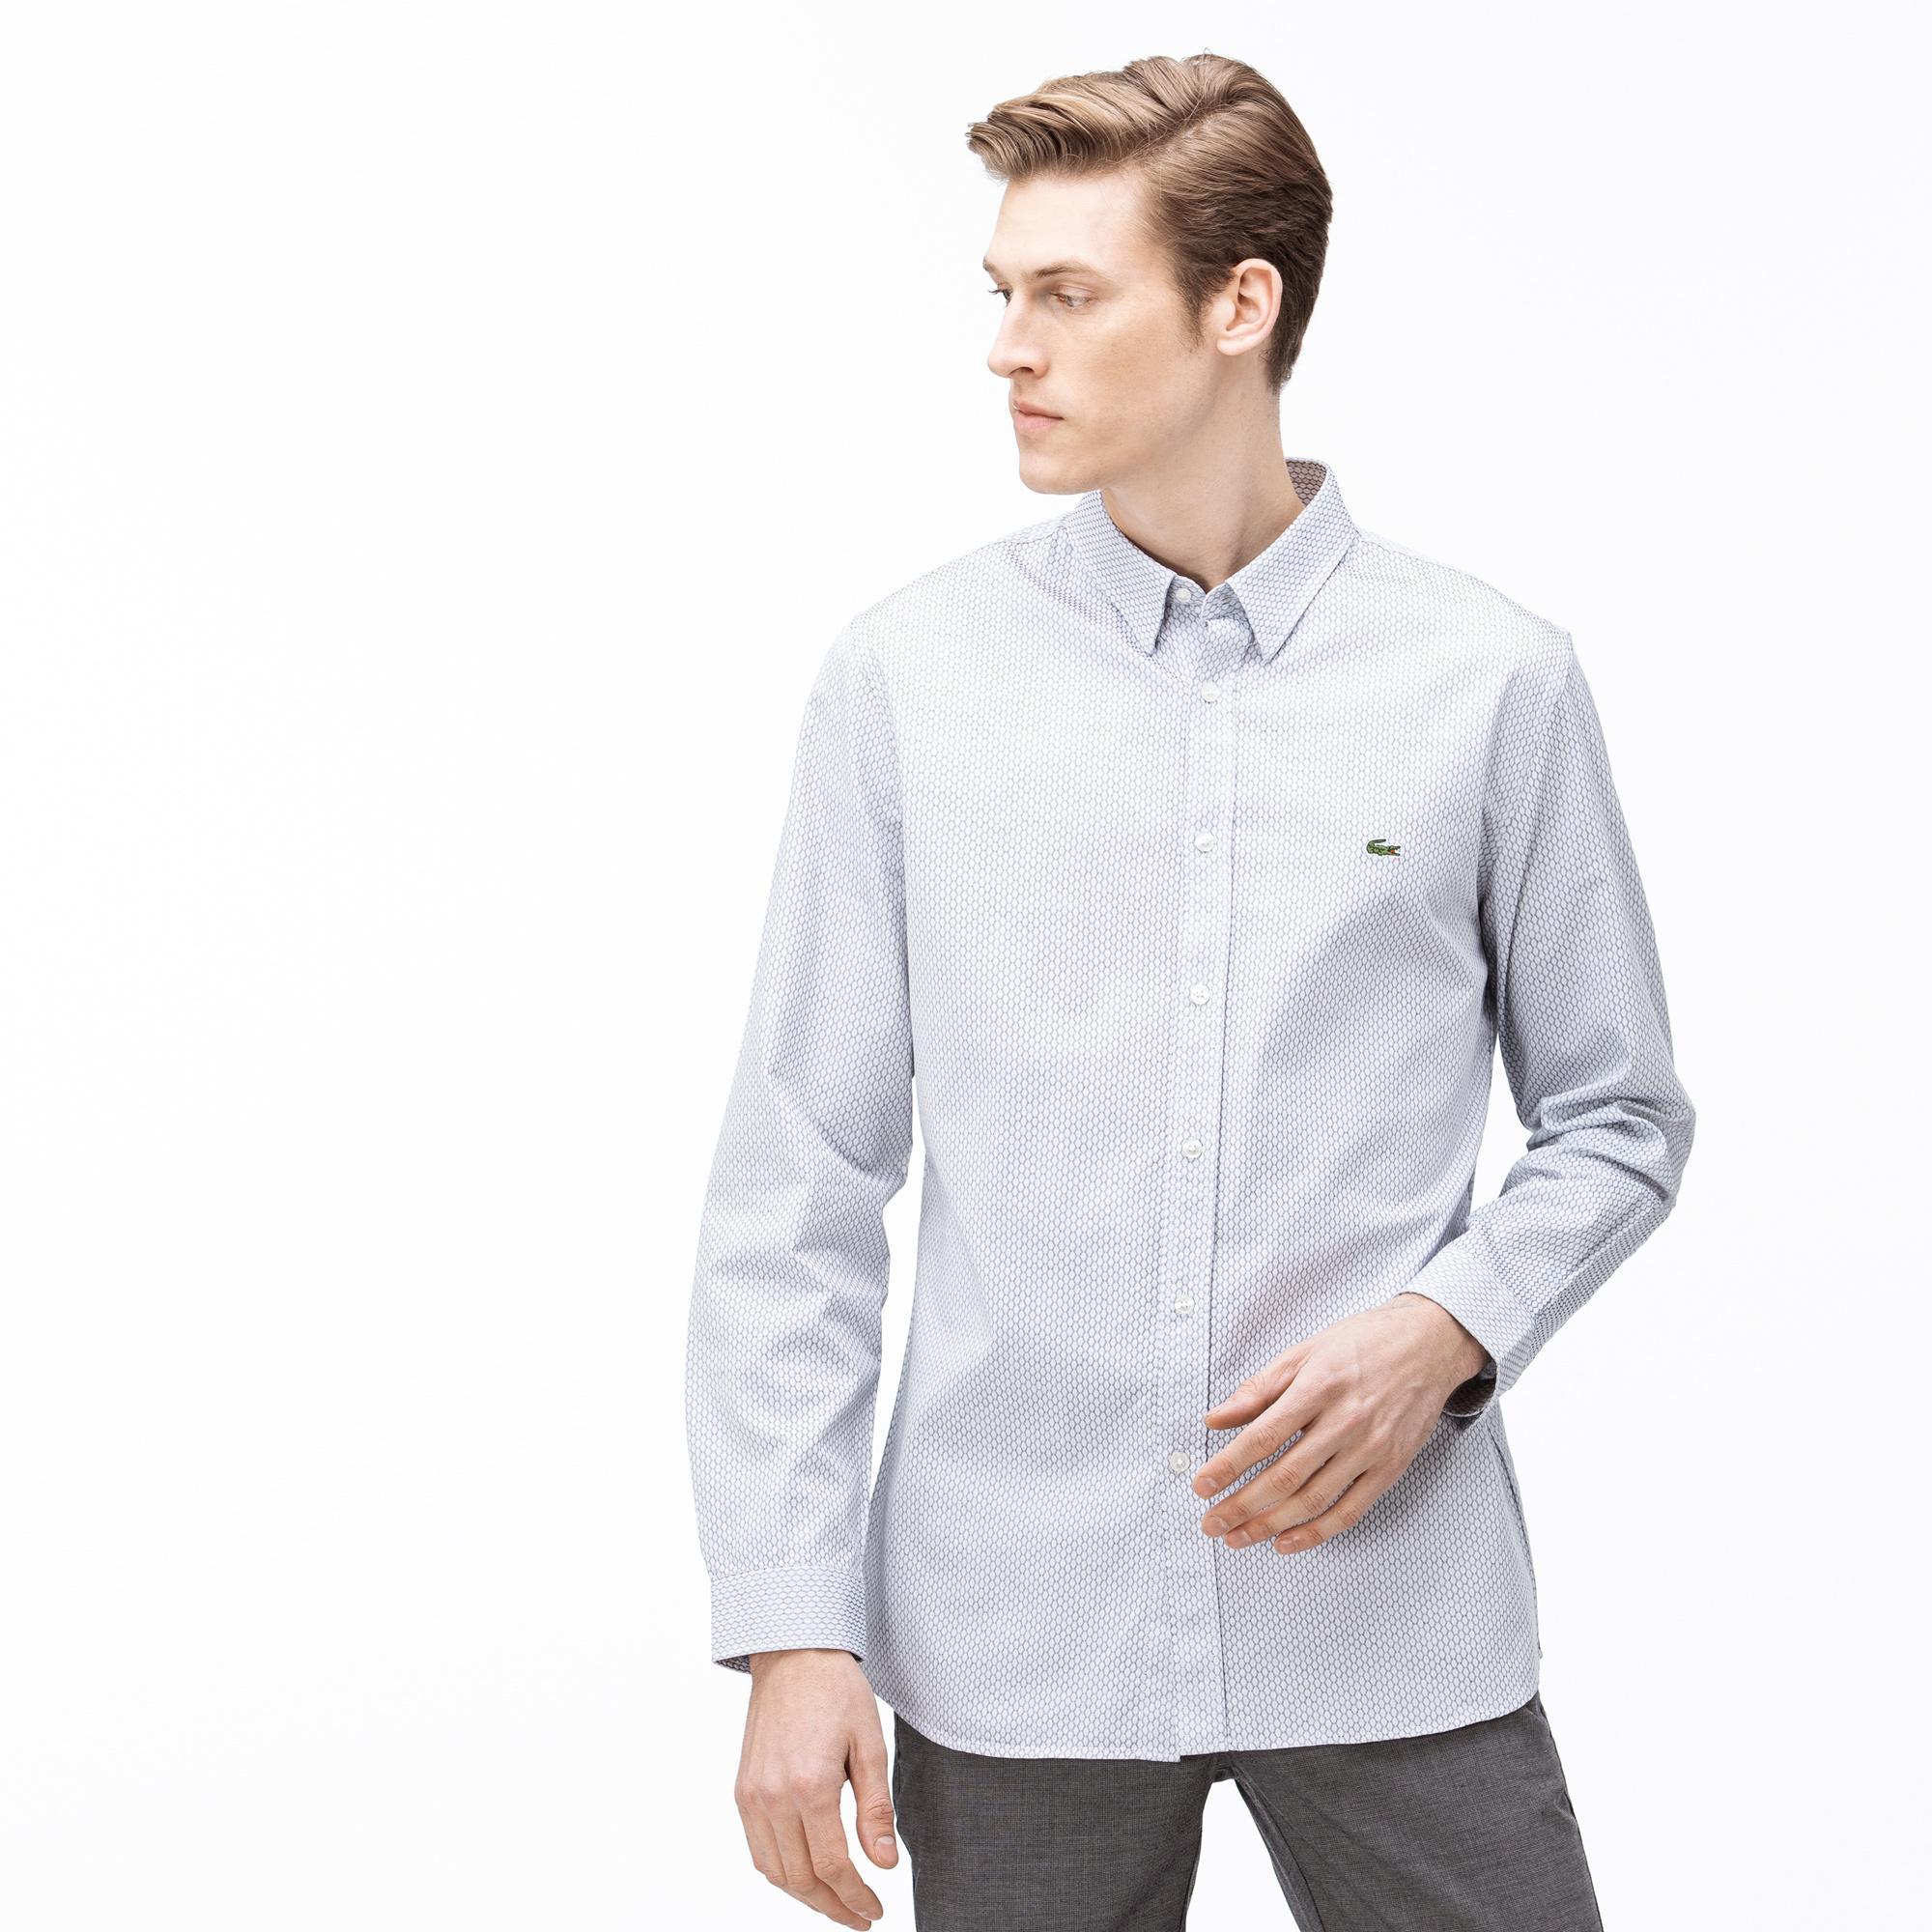 Lacoste Erkek Slim Fit Düğmeli Yaka Açık Mavi Gömlek